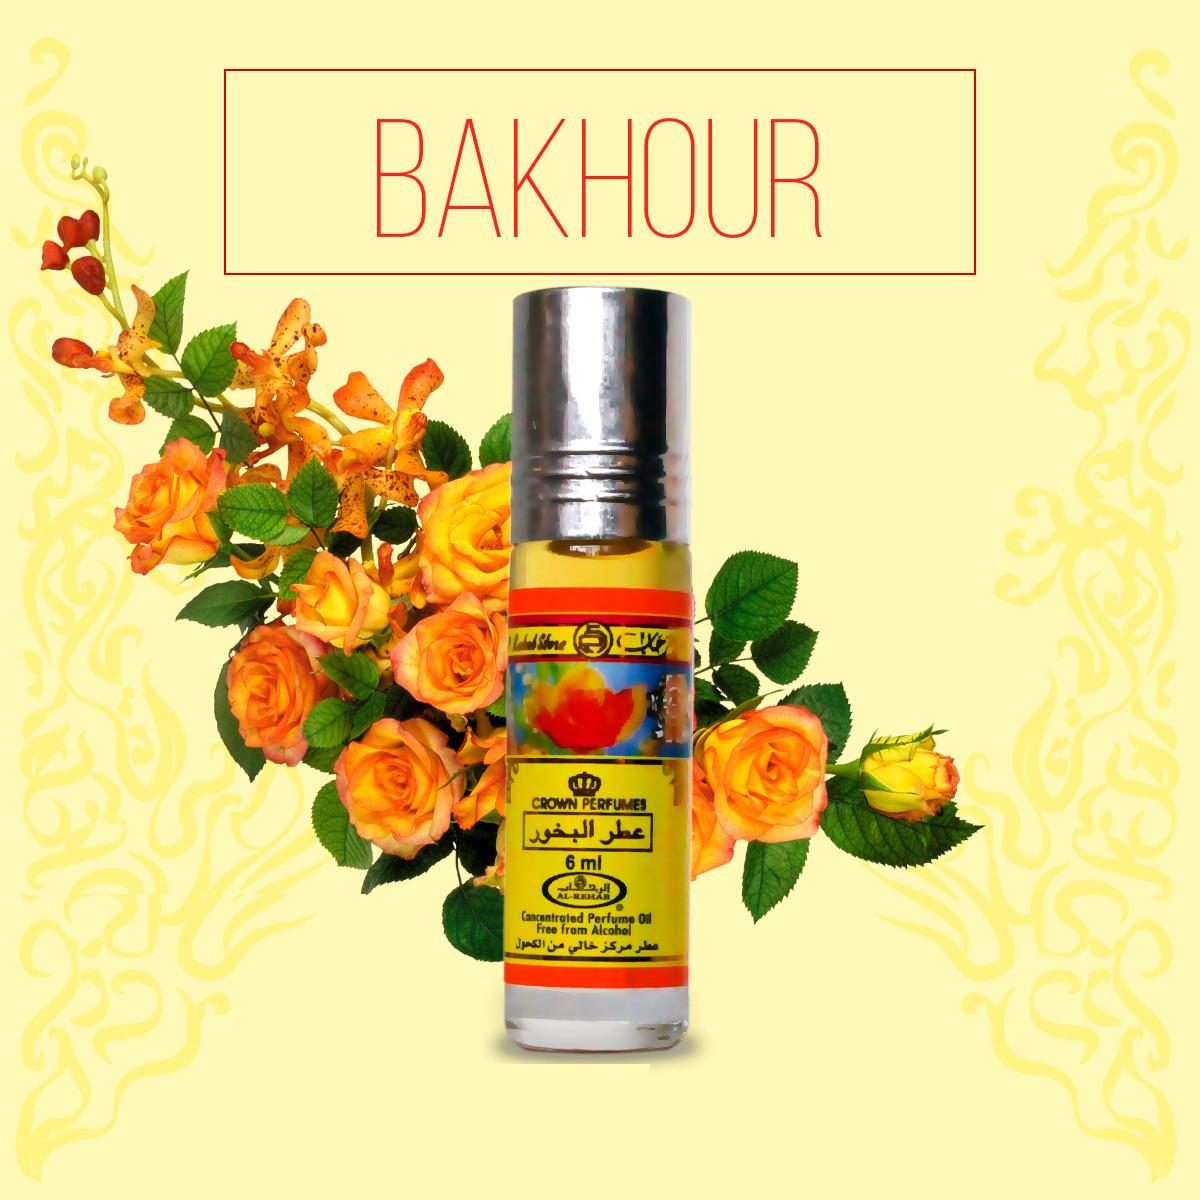 Tinh dầu nước hoa BAKHOUR Al-Rehab (UNISEX)  (hàng chính hãng )